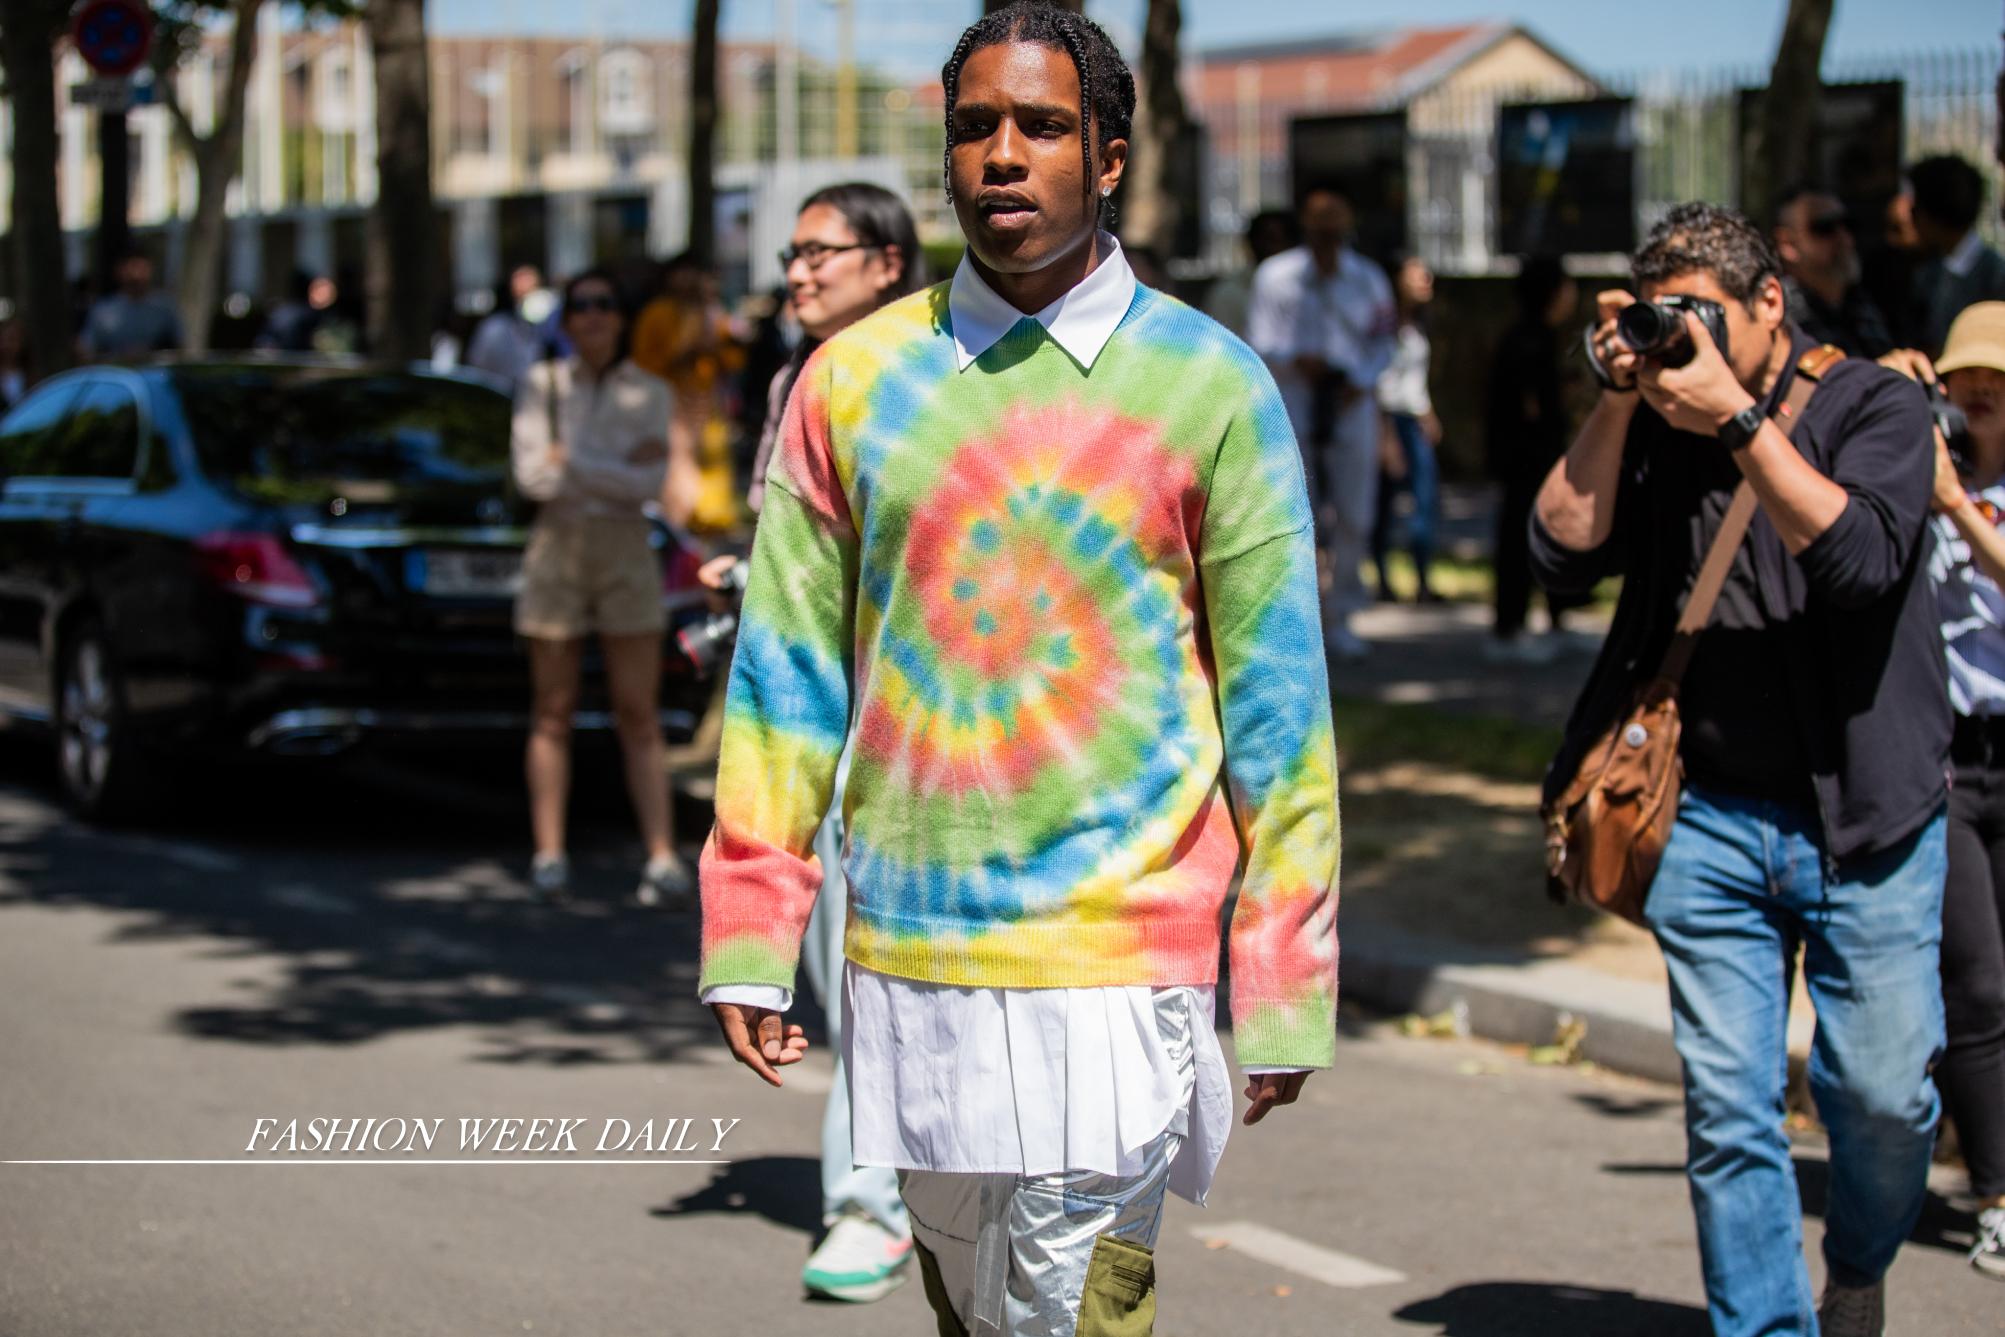 A$AP Rockyприглашенный креативный директор PacSun